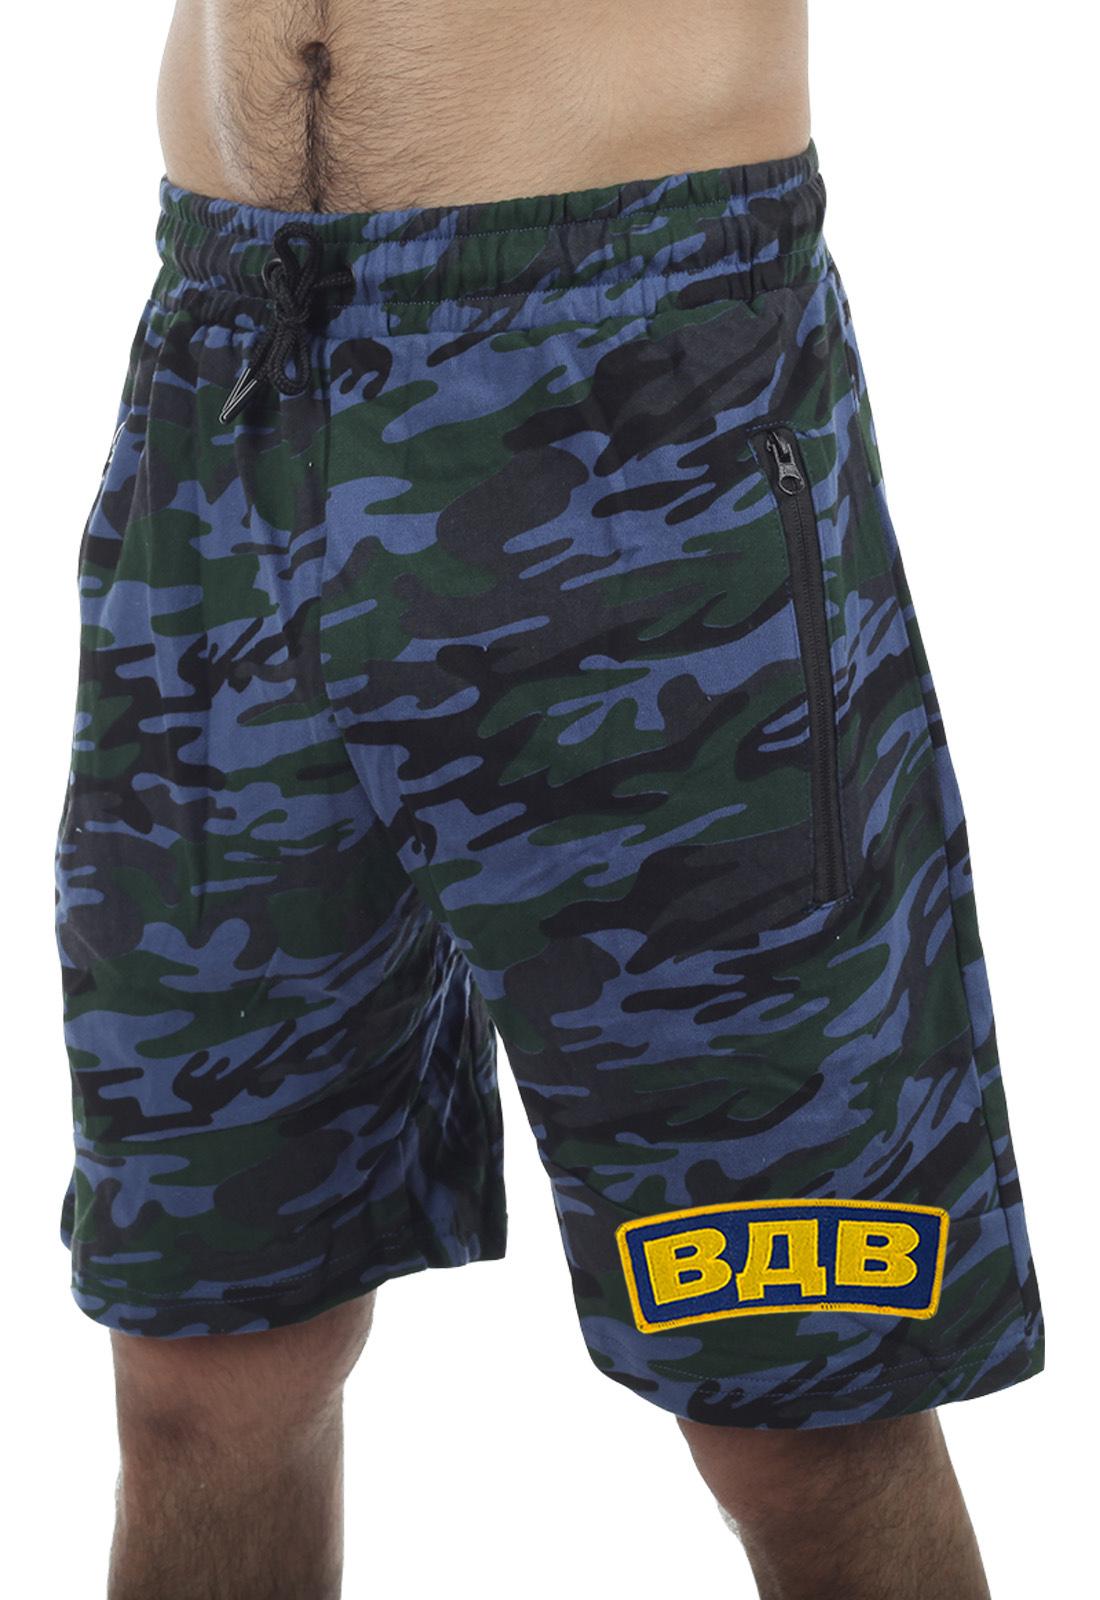 Купить в Москве с доставкой мужские шорты New York Athletics